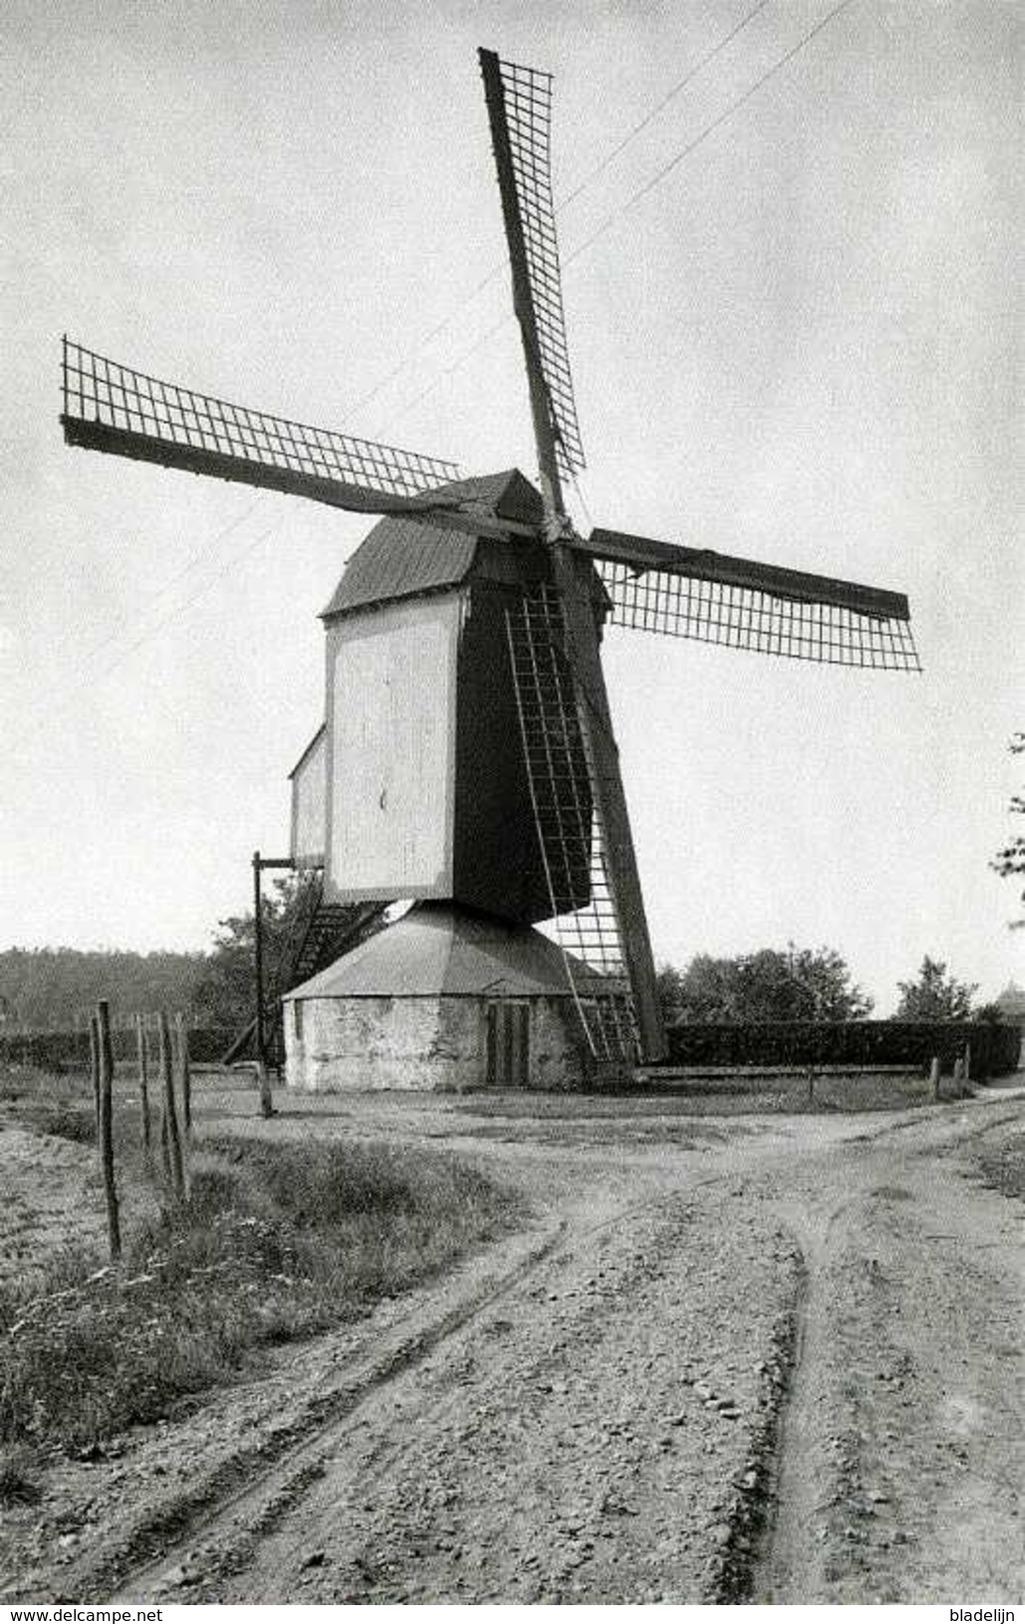 HELDEN - Gem. Peel En Maas (Limburg) - Molen/moulin - De Verdwenen Standerdmolen Op De Molendries In 1929. TOP !!! - Nederland